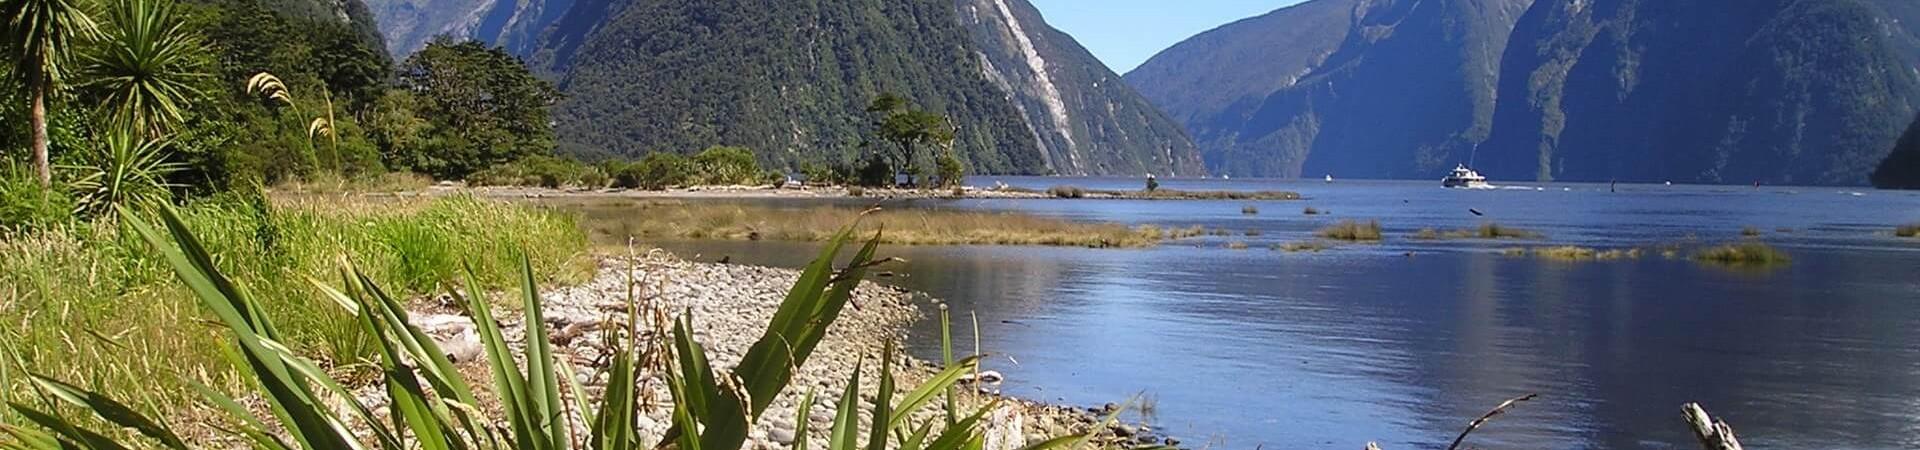 Fiordland w Nowej Zelandii